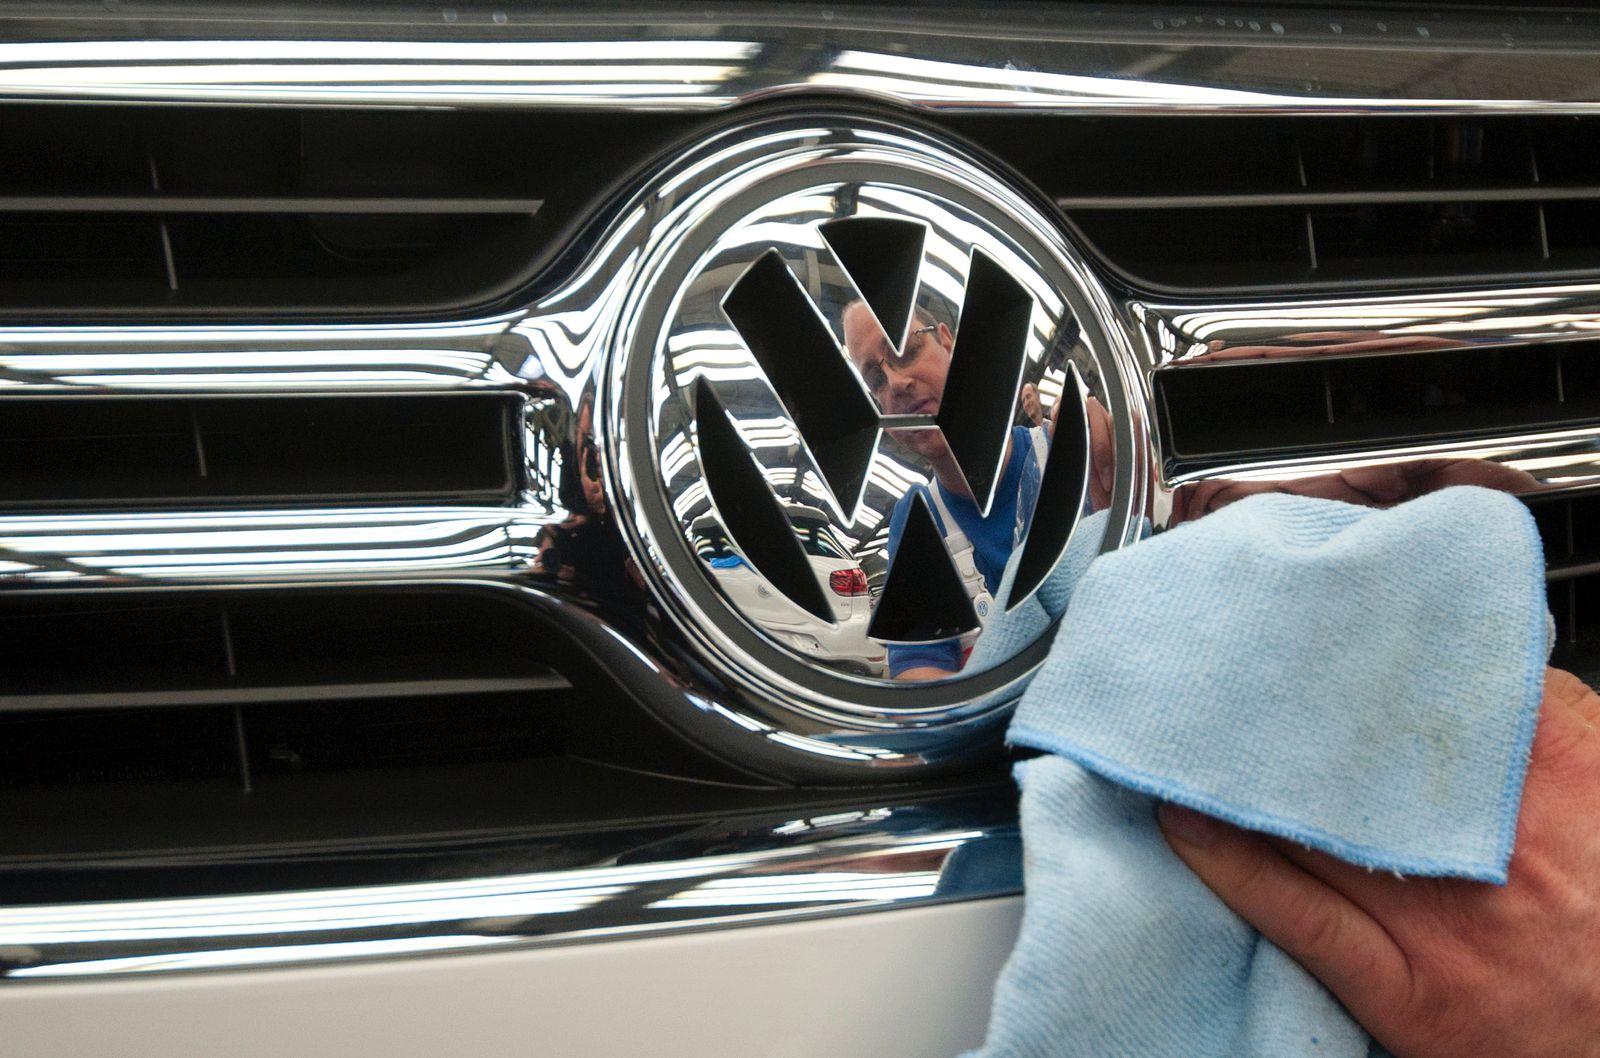 NICHT VERWENDEN Unternehmen / Emblem / VW / Bilanzen / Volkswagen